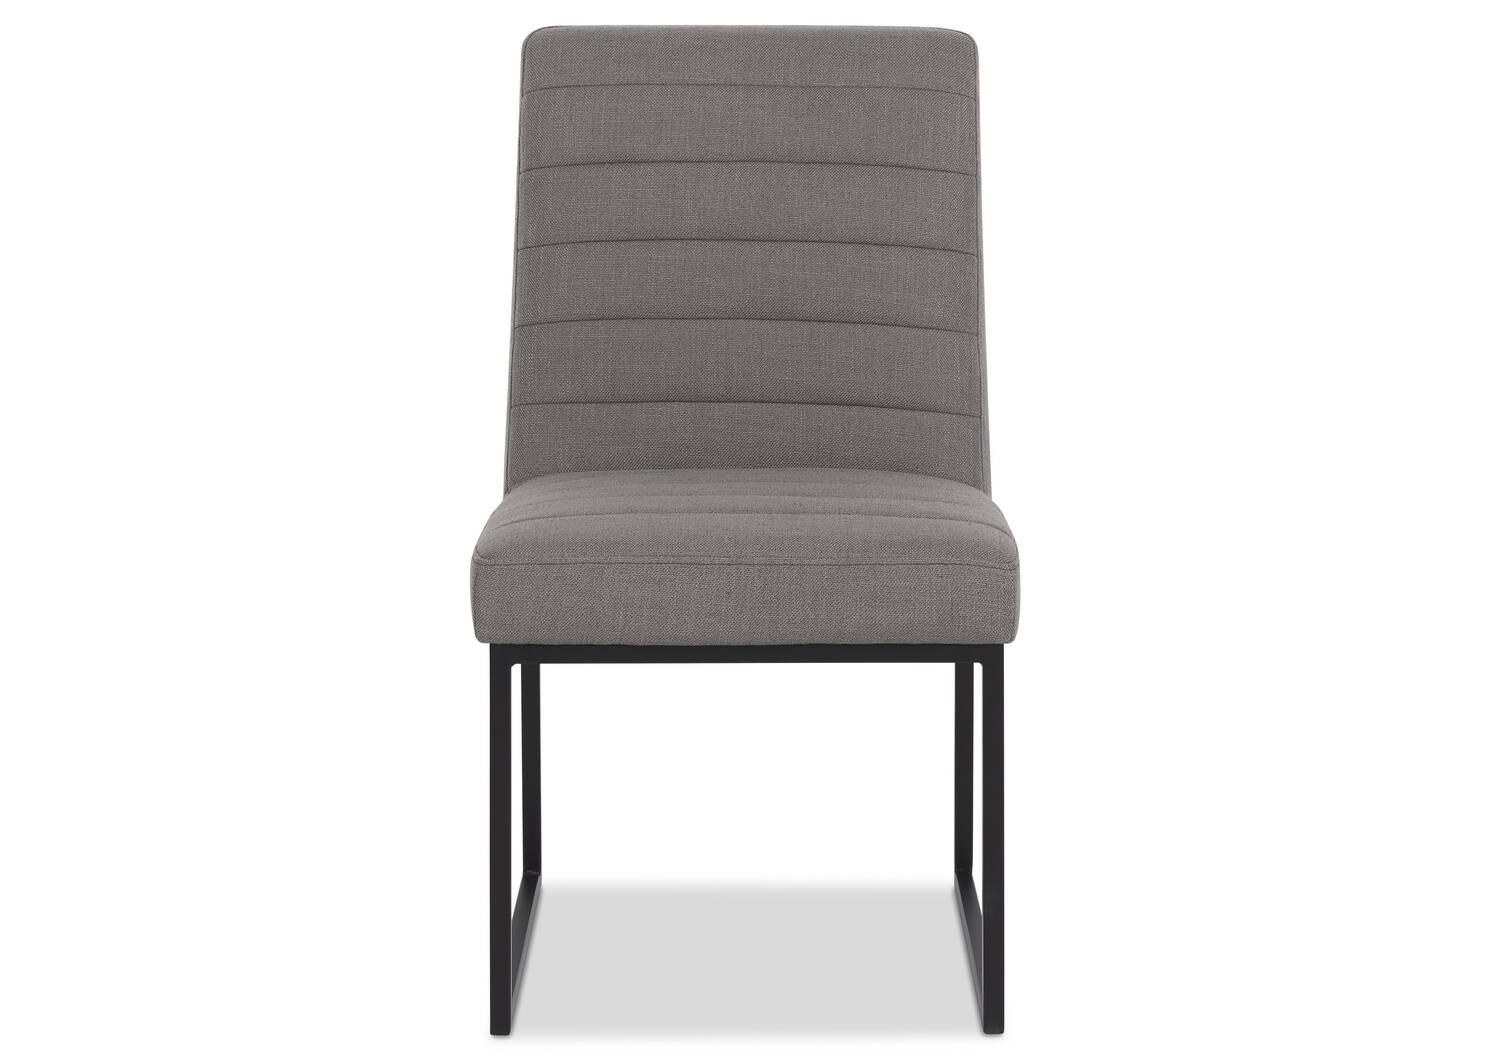 Benton Dining Chair -Daylin Grey